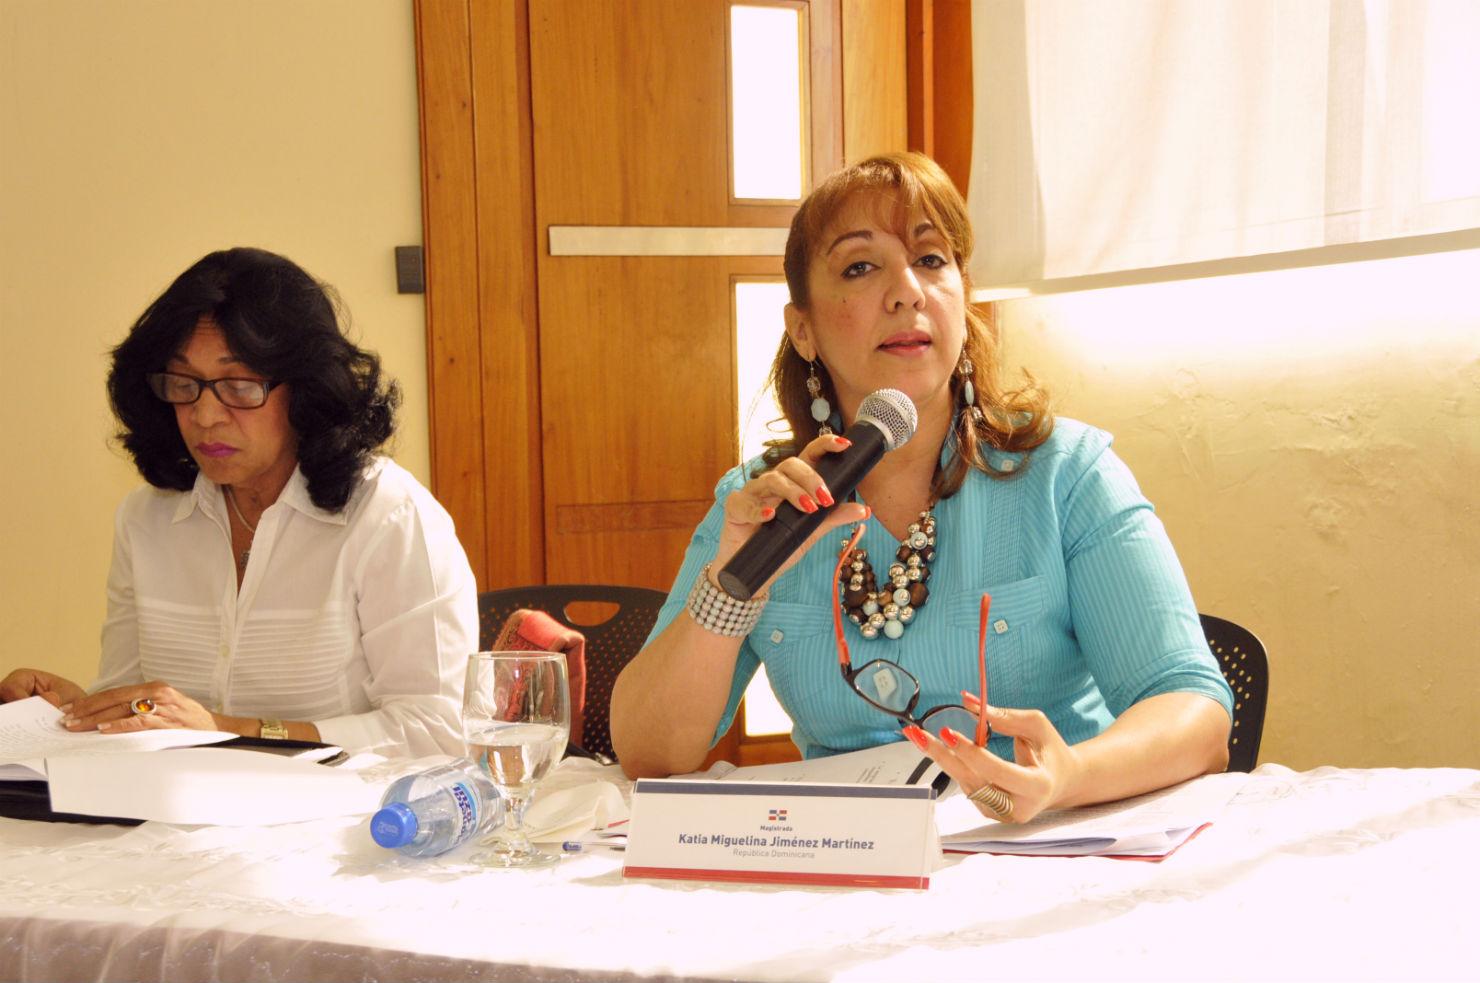 Las magistradas de la alta corte Ana Isabel Bonilla Hernández y Katia Miguelina Jiménez Martínez